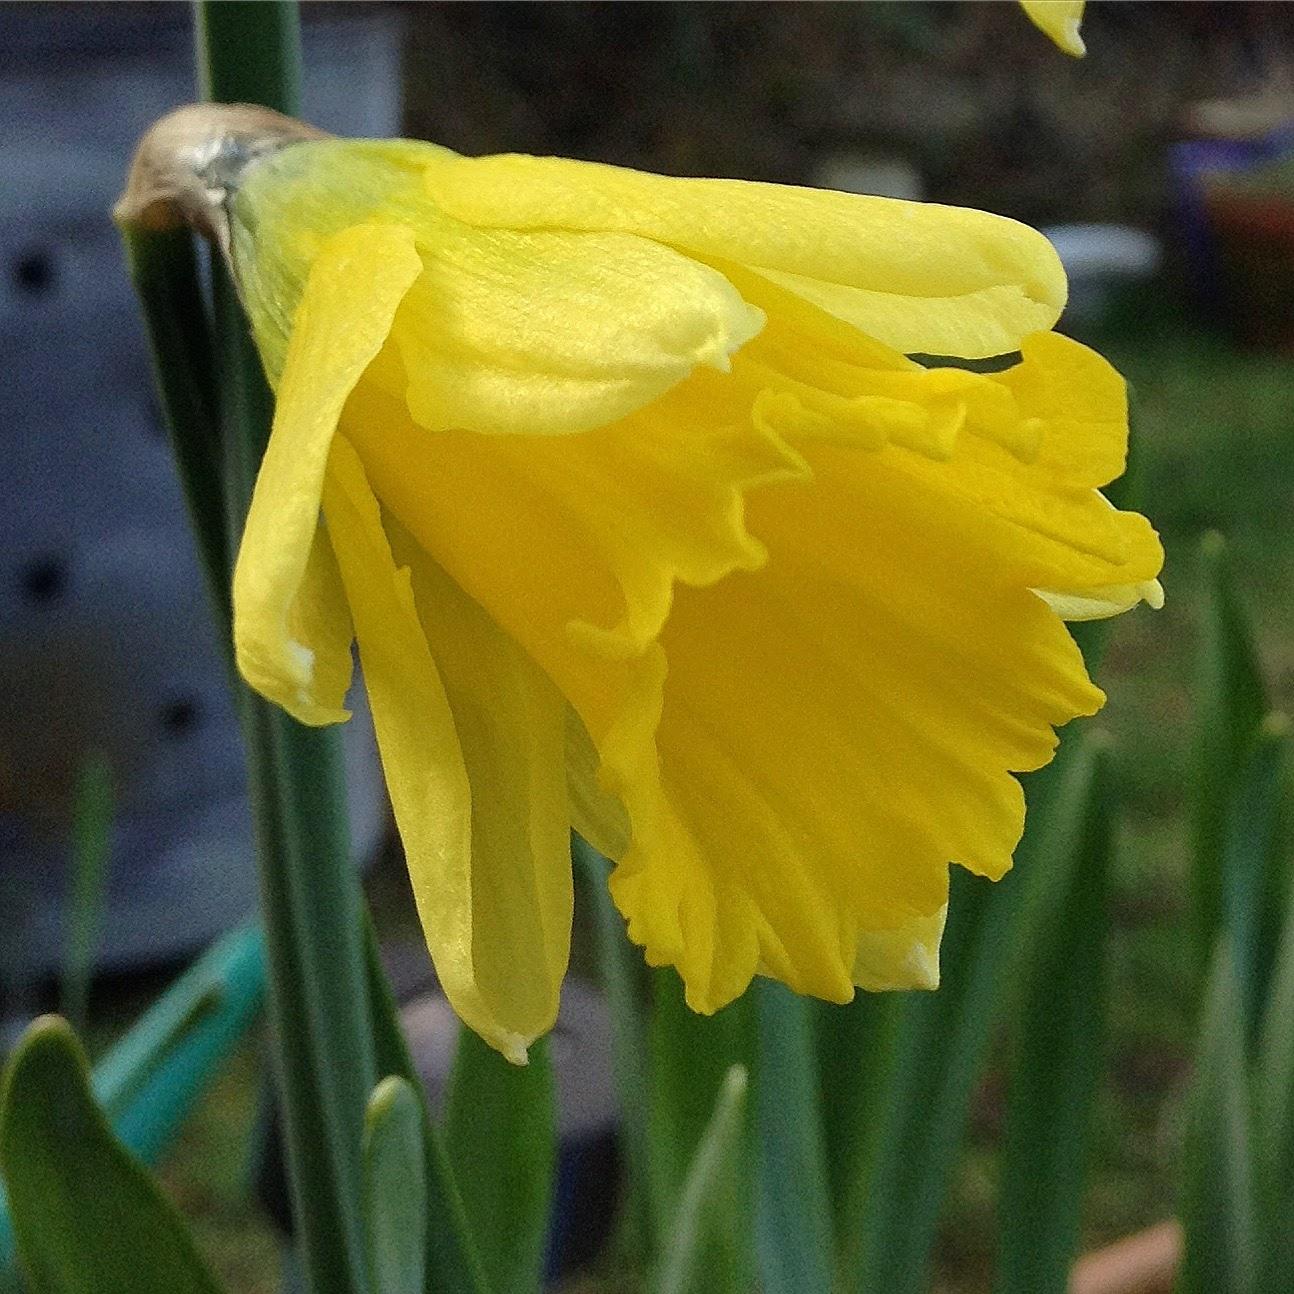 Opening daffodil